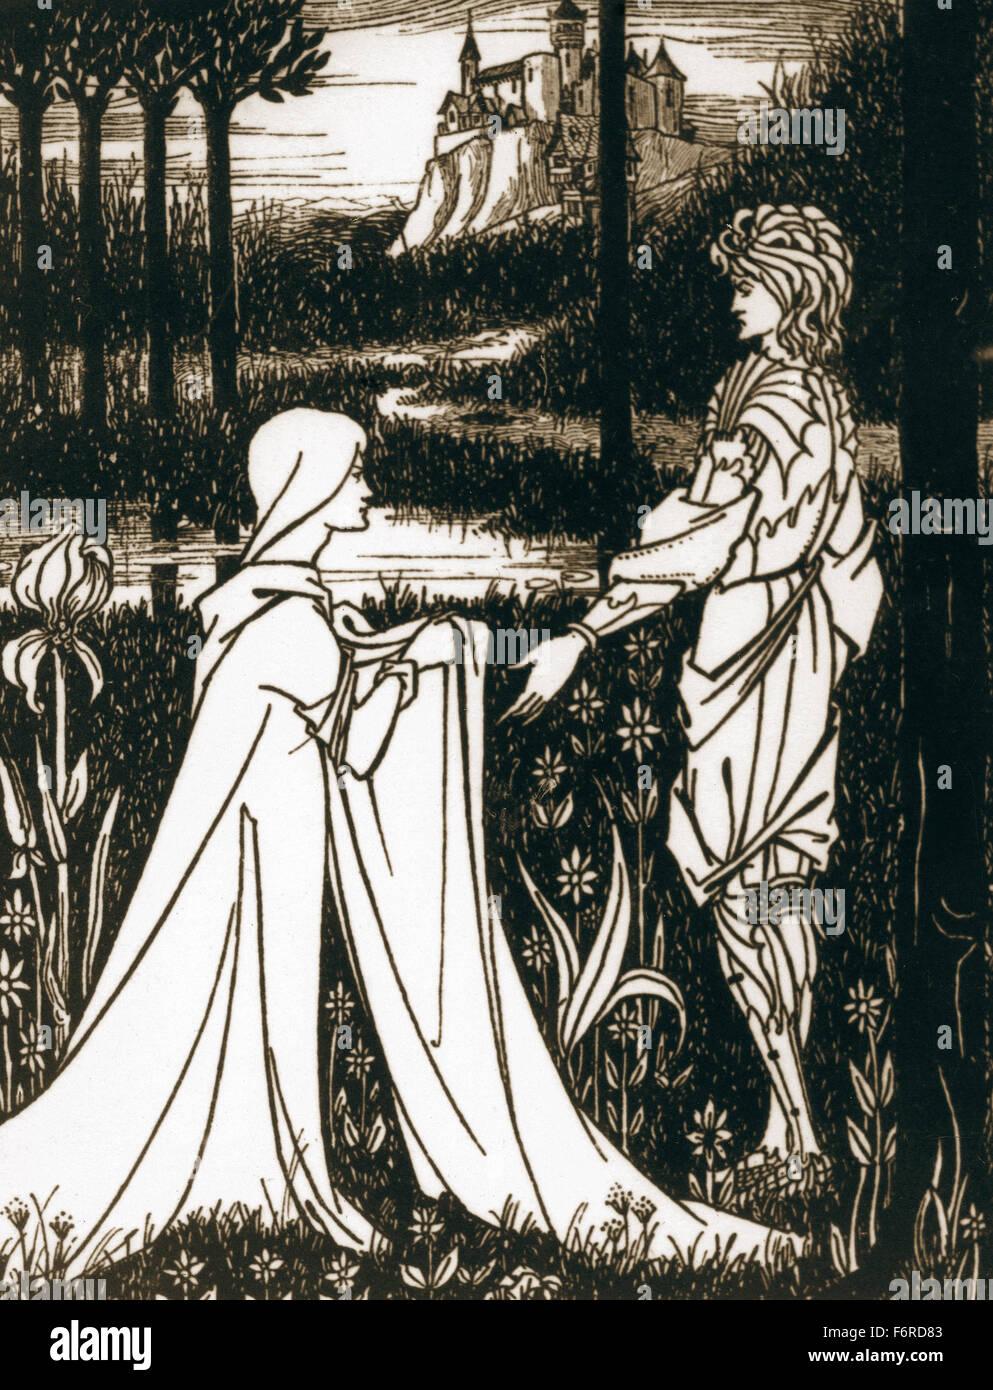 La légende arthurienne. Le Roi Arthur et la Dame du lac. La gravure. 19e siècle. Photo Stock